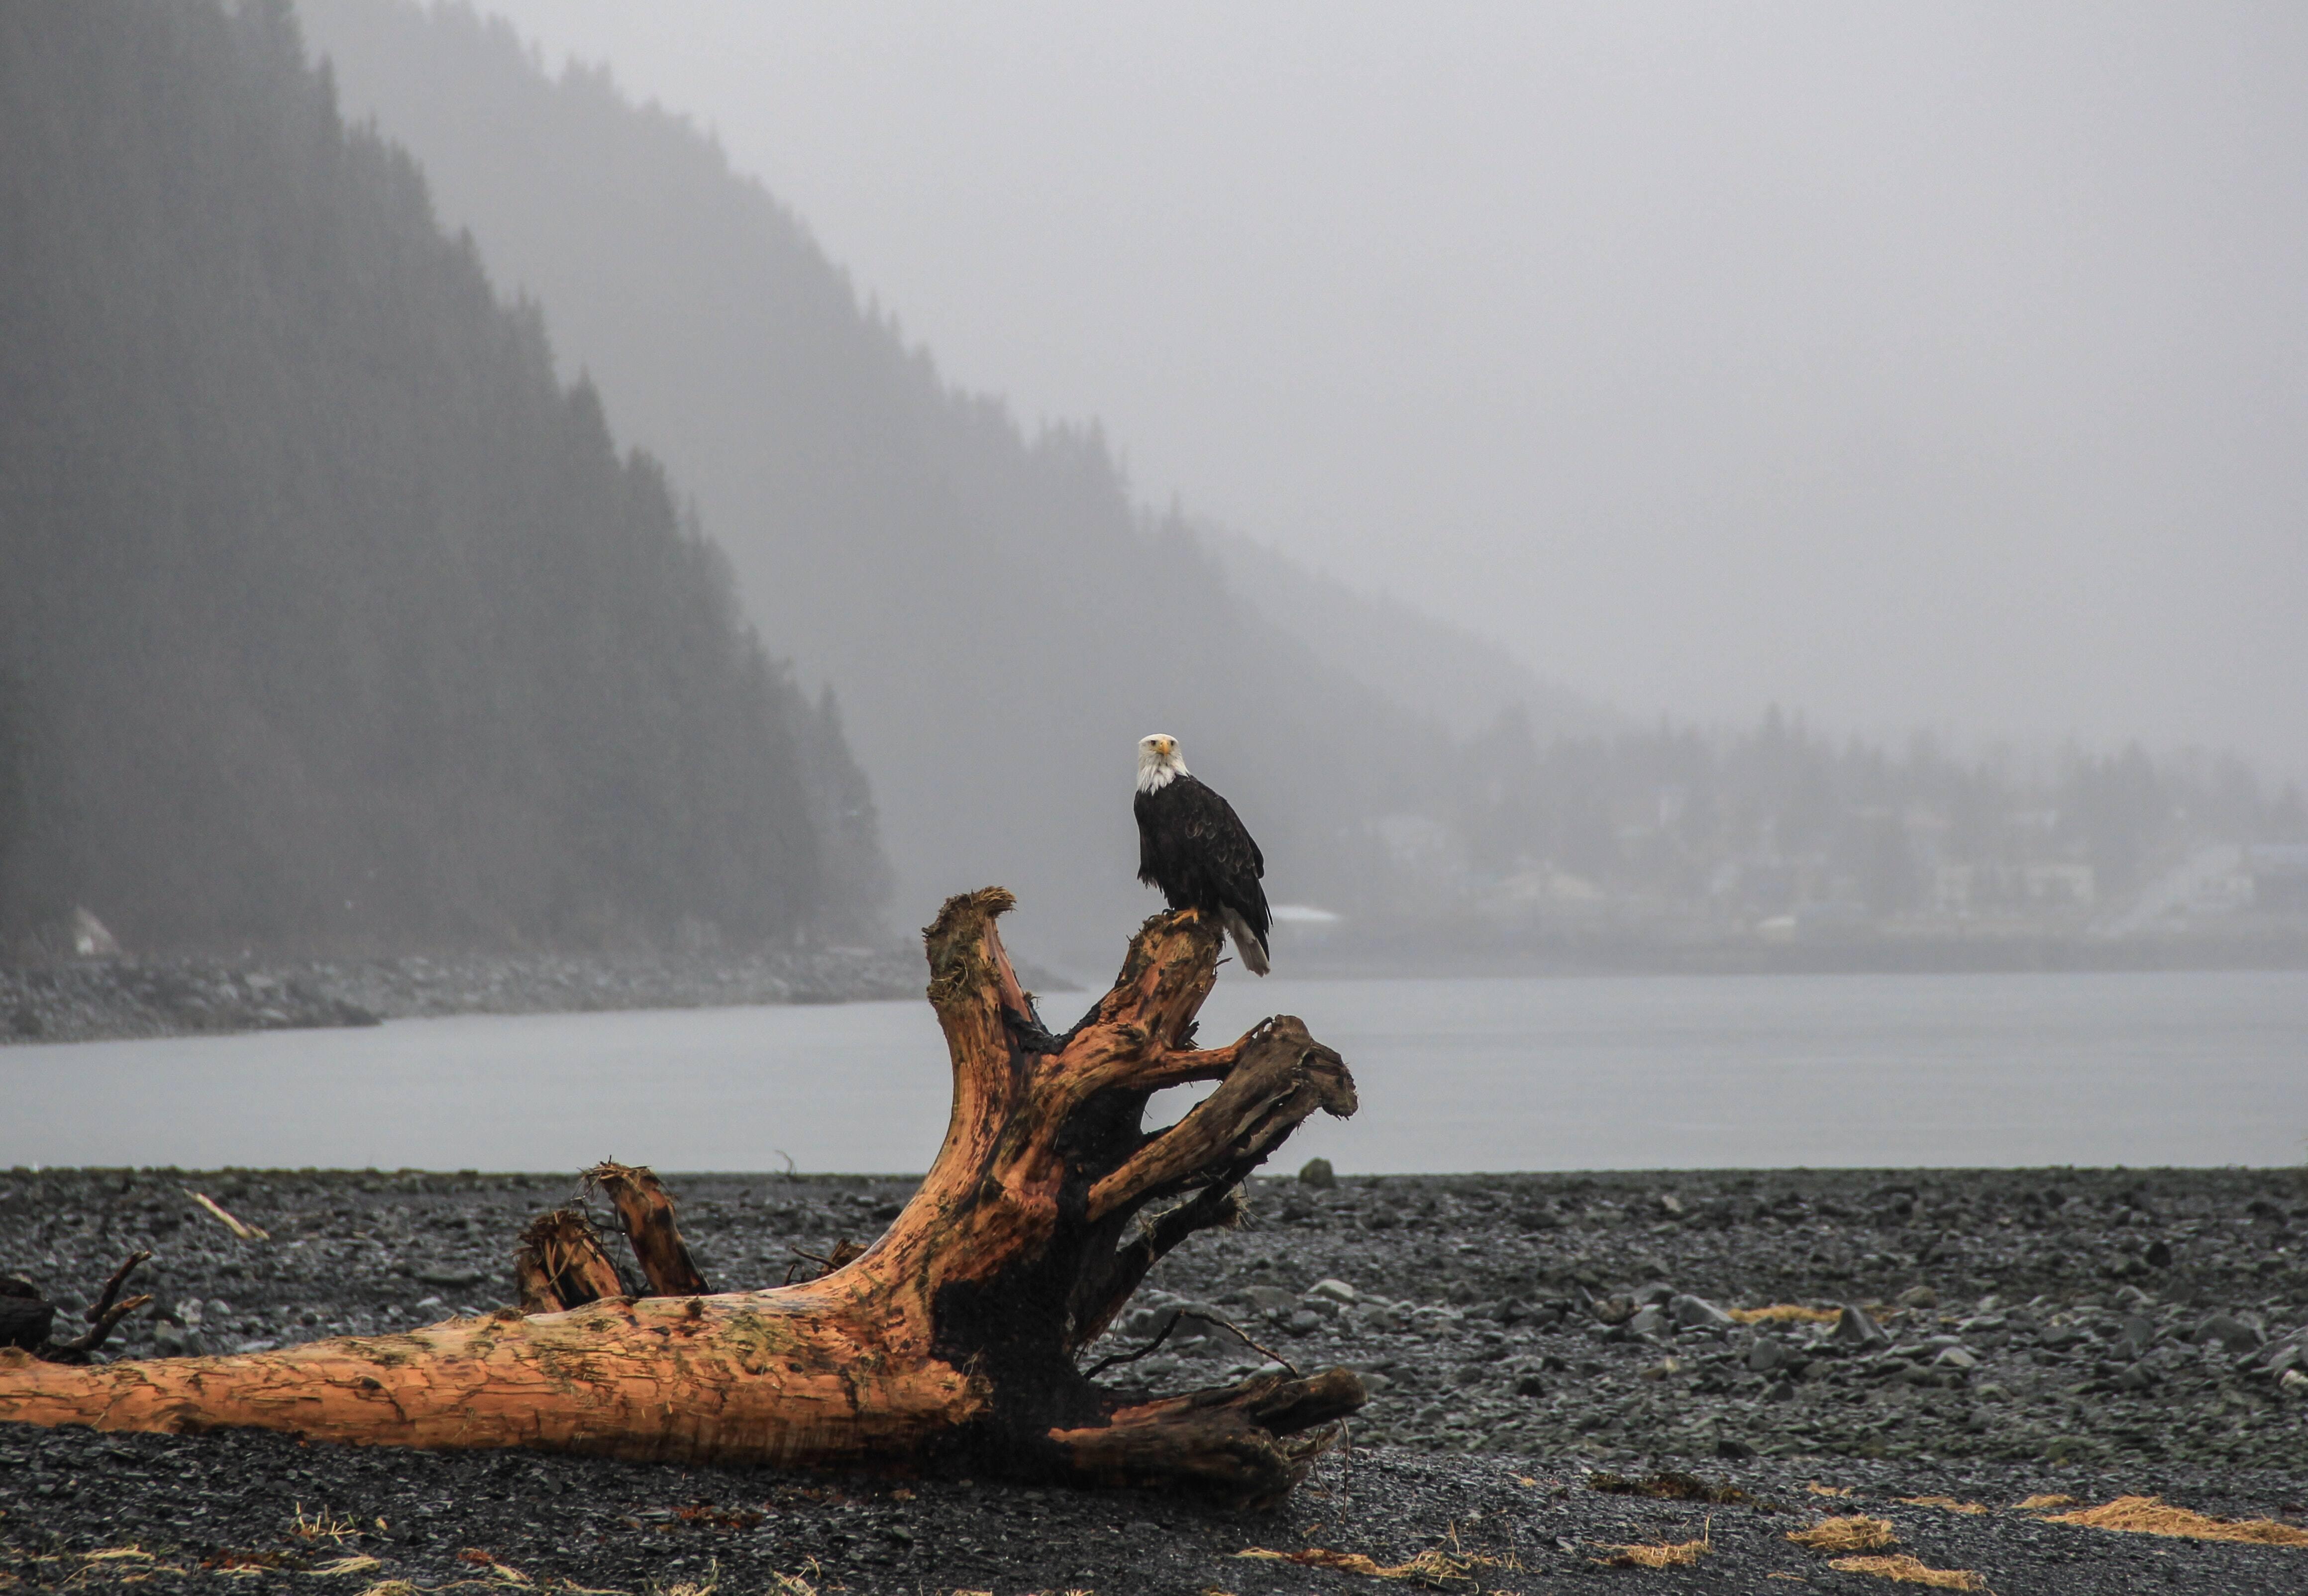 O Alasca é um dos 50 estados dos Estados Unidos, mas faz fronteira apenas com o Canadá. Foto: Pexels